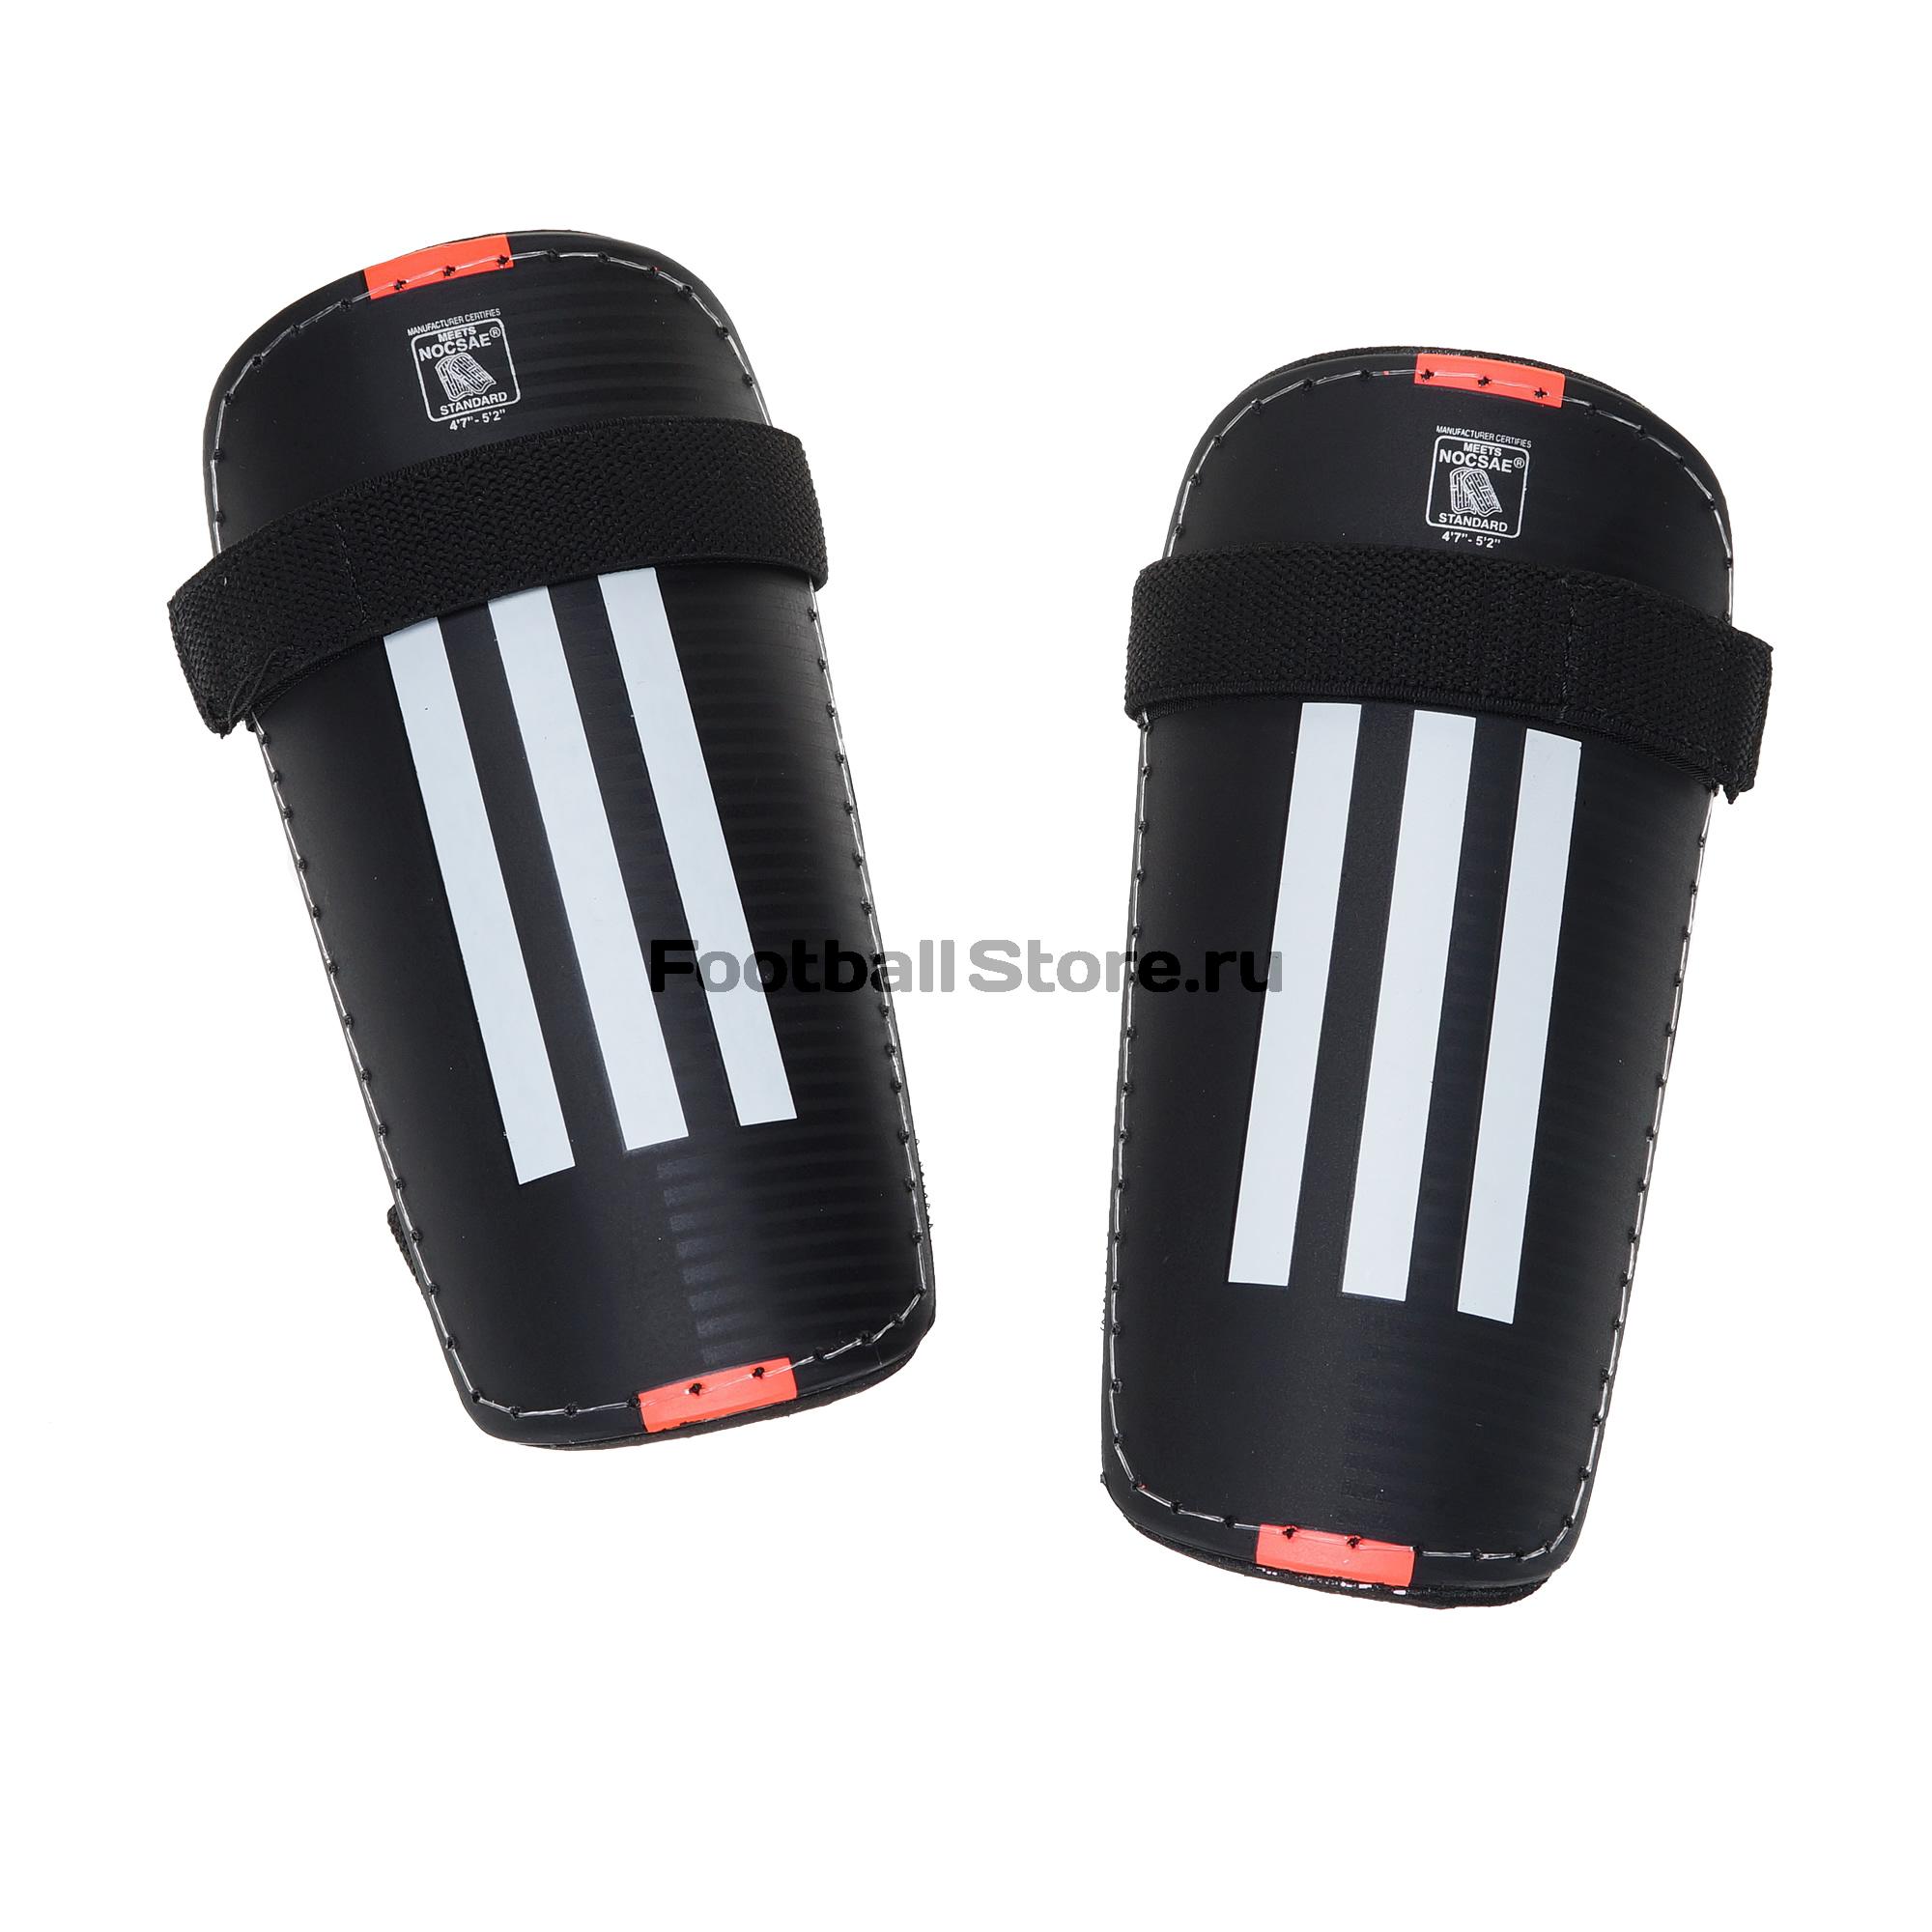 Щитки футбольные Adidas 11 Lite M38636